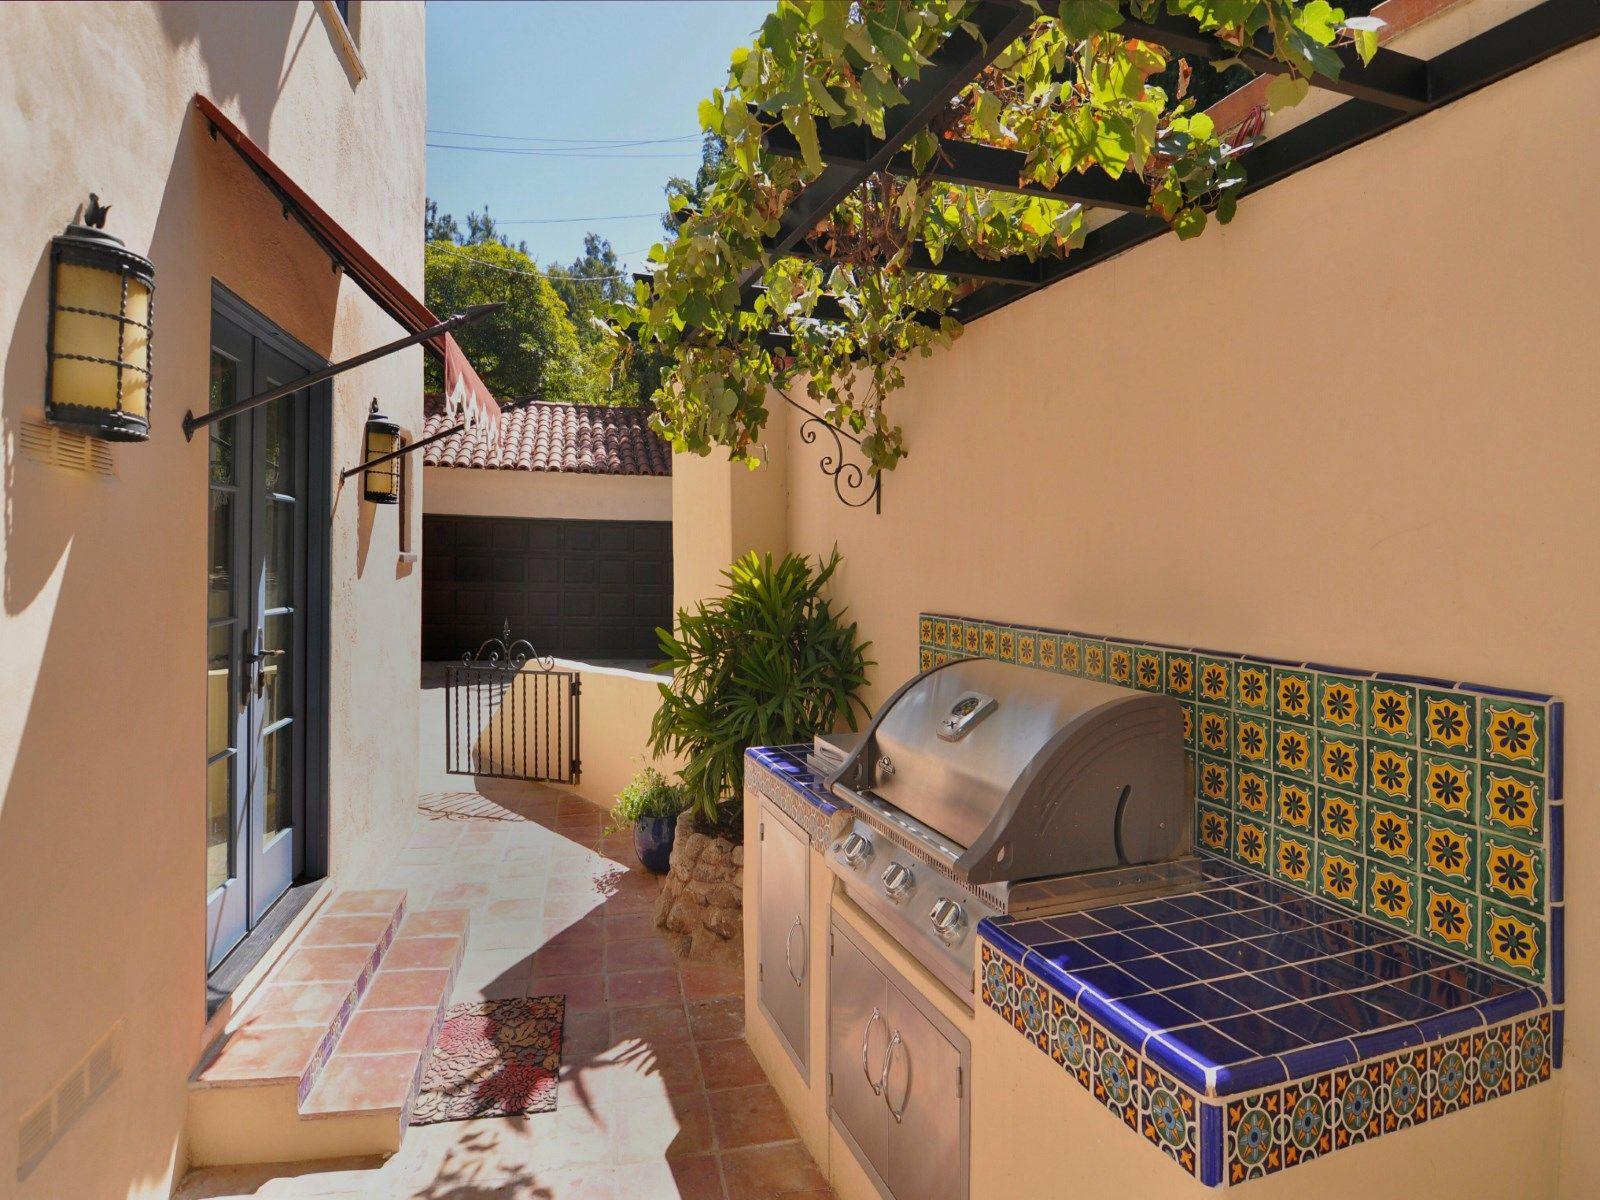 Outdoor Küchen Auersperg : Metten outdoor küche preis klapptisch weiß küche natur schrank